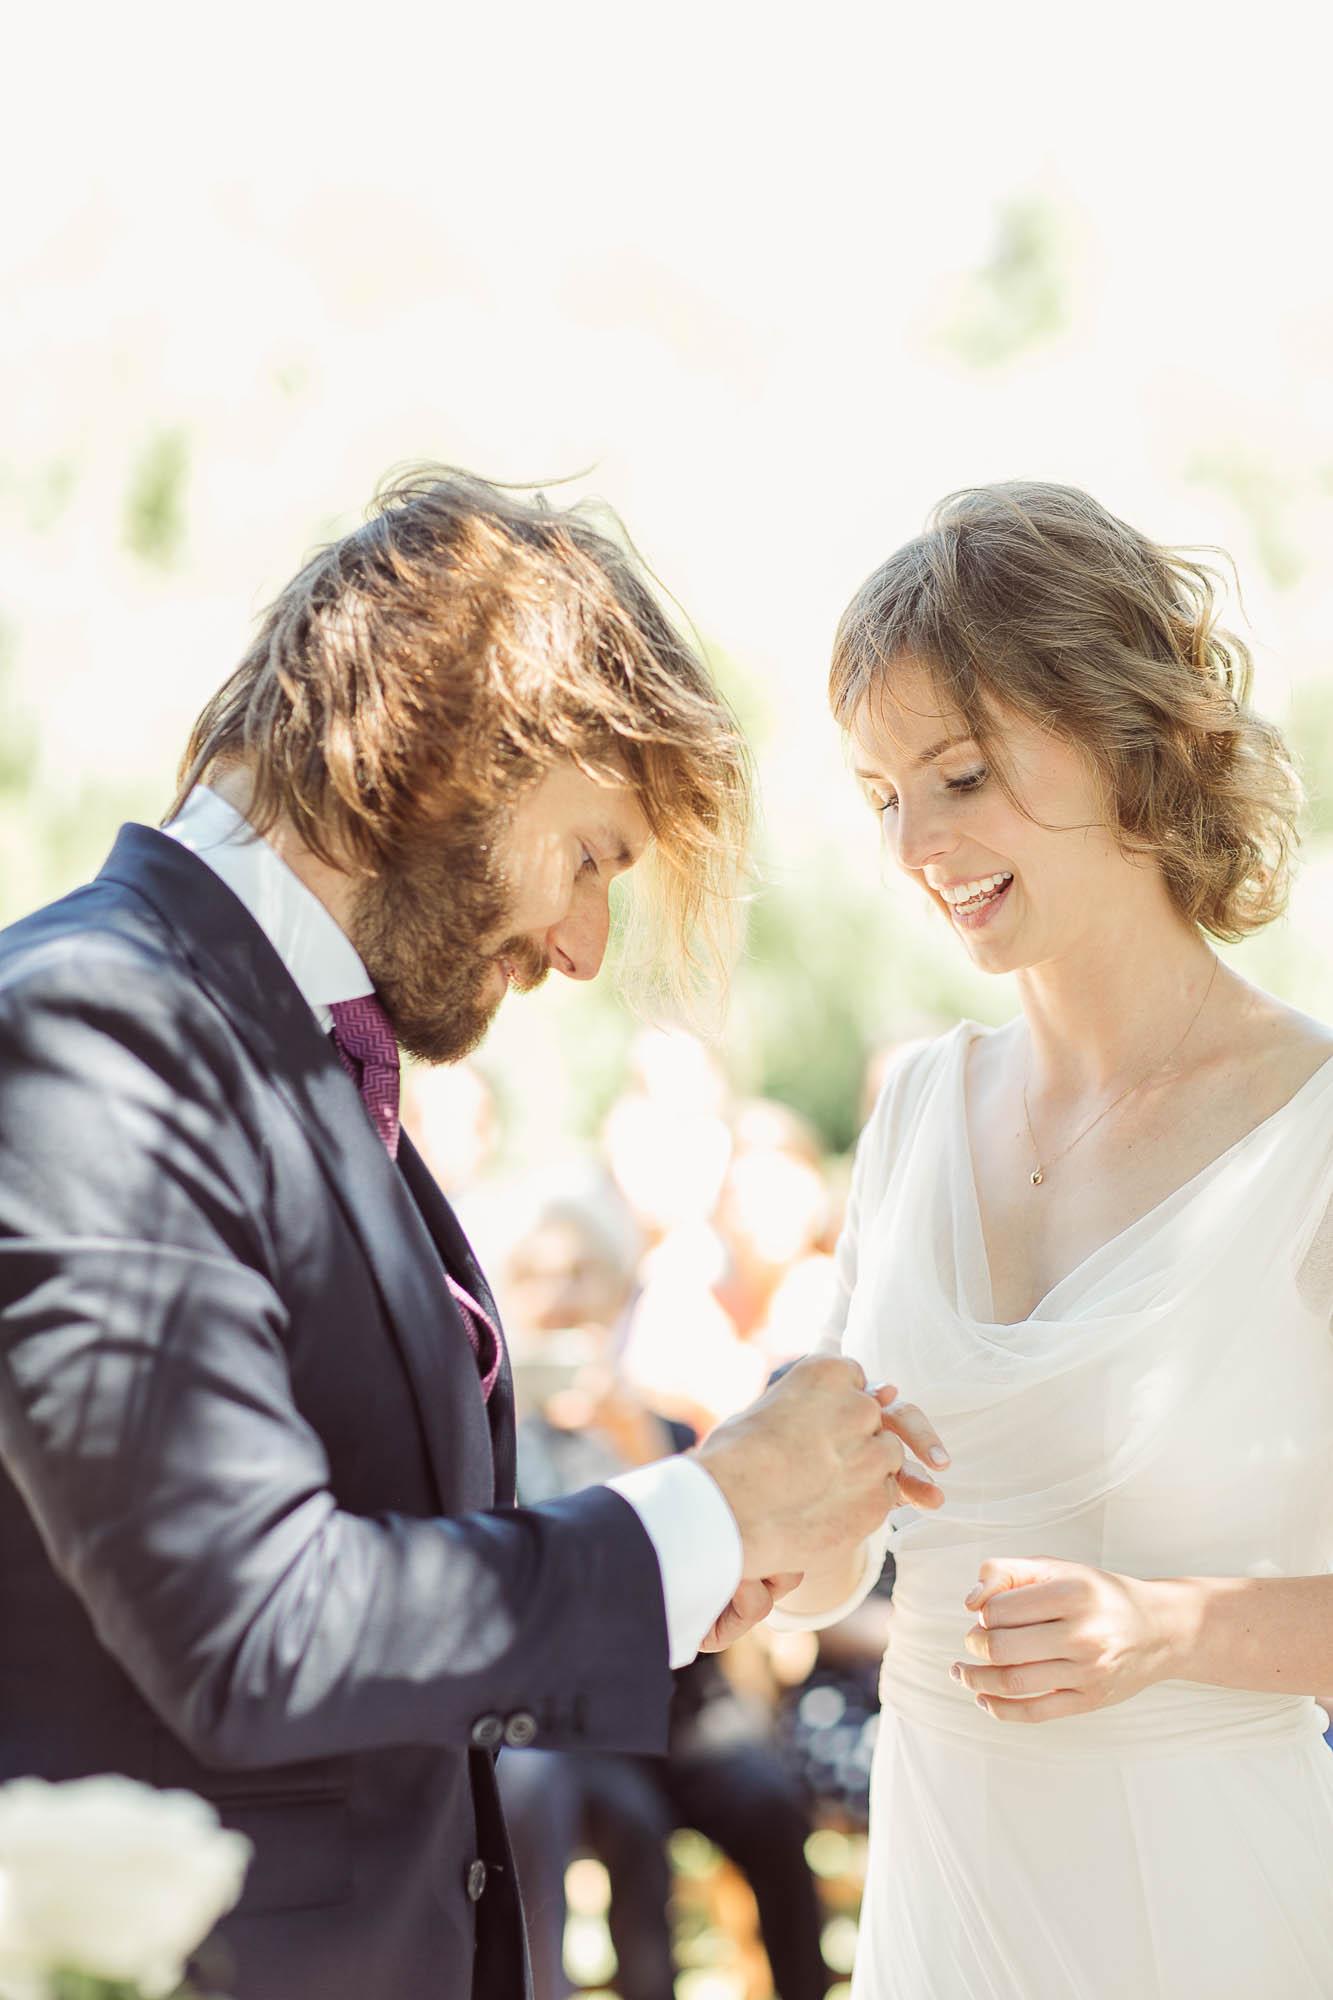 El novio poniéndole el anillo a la novia